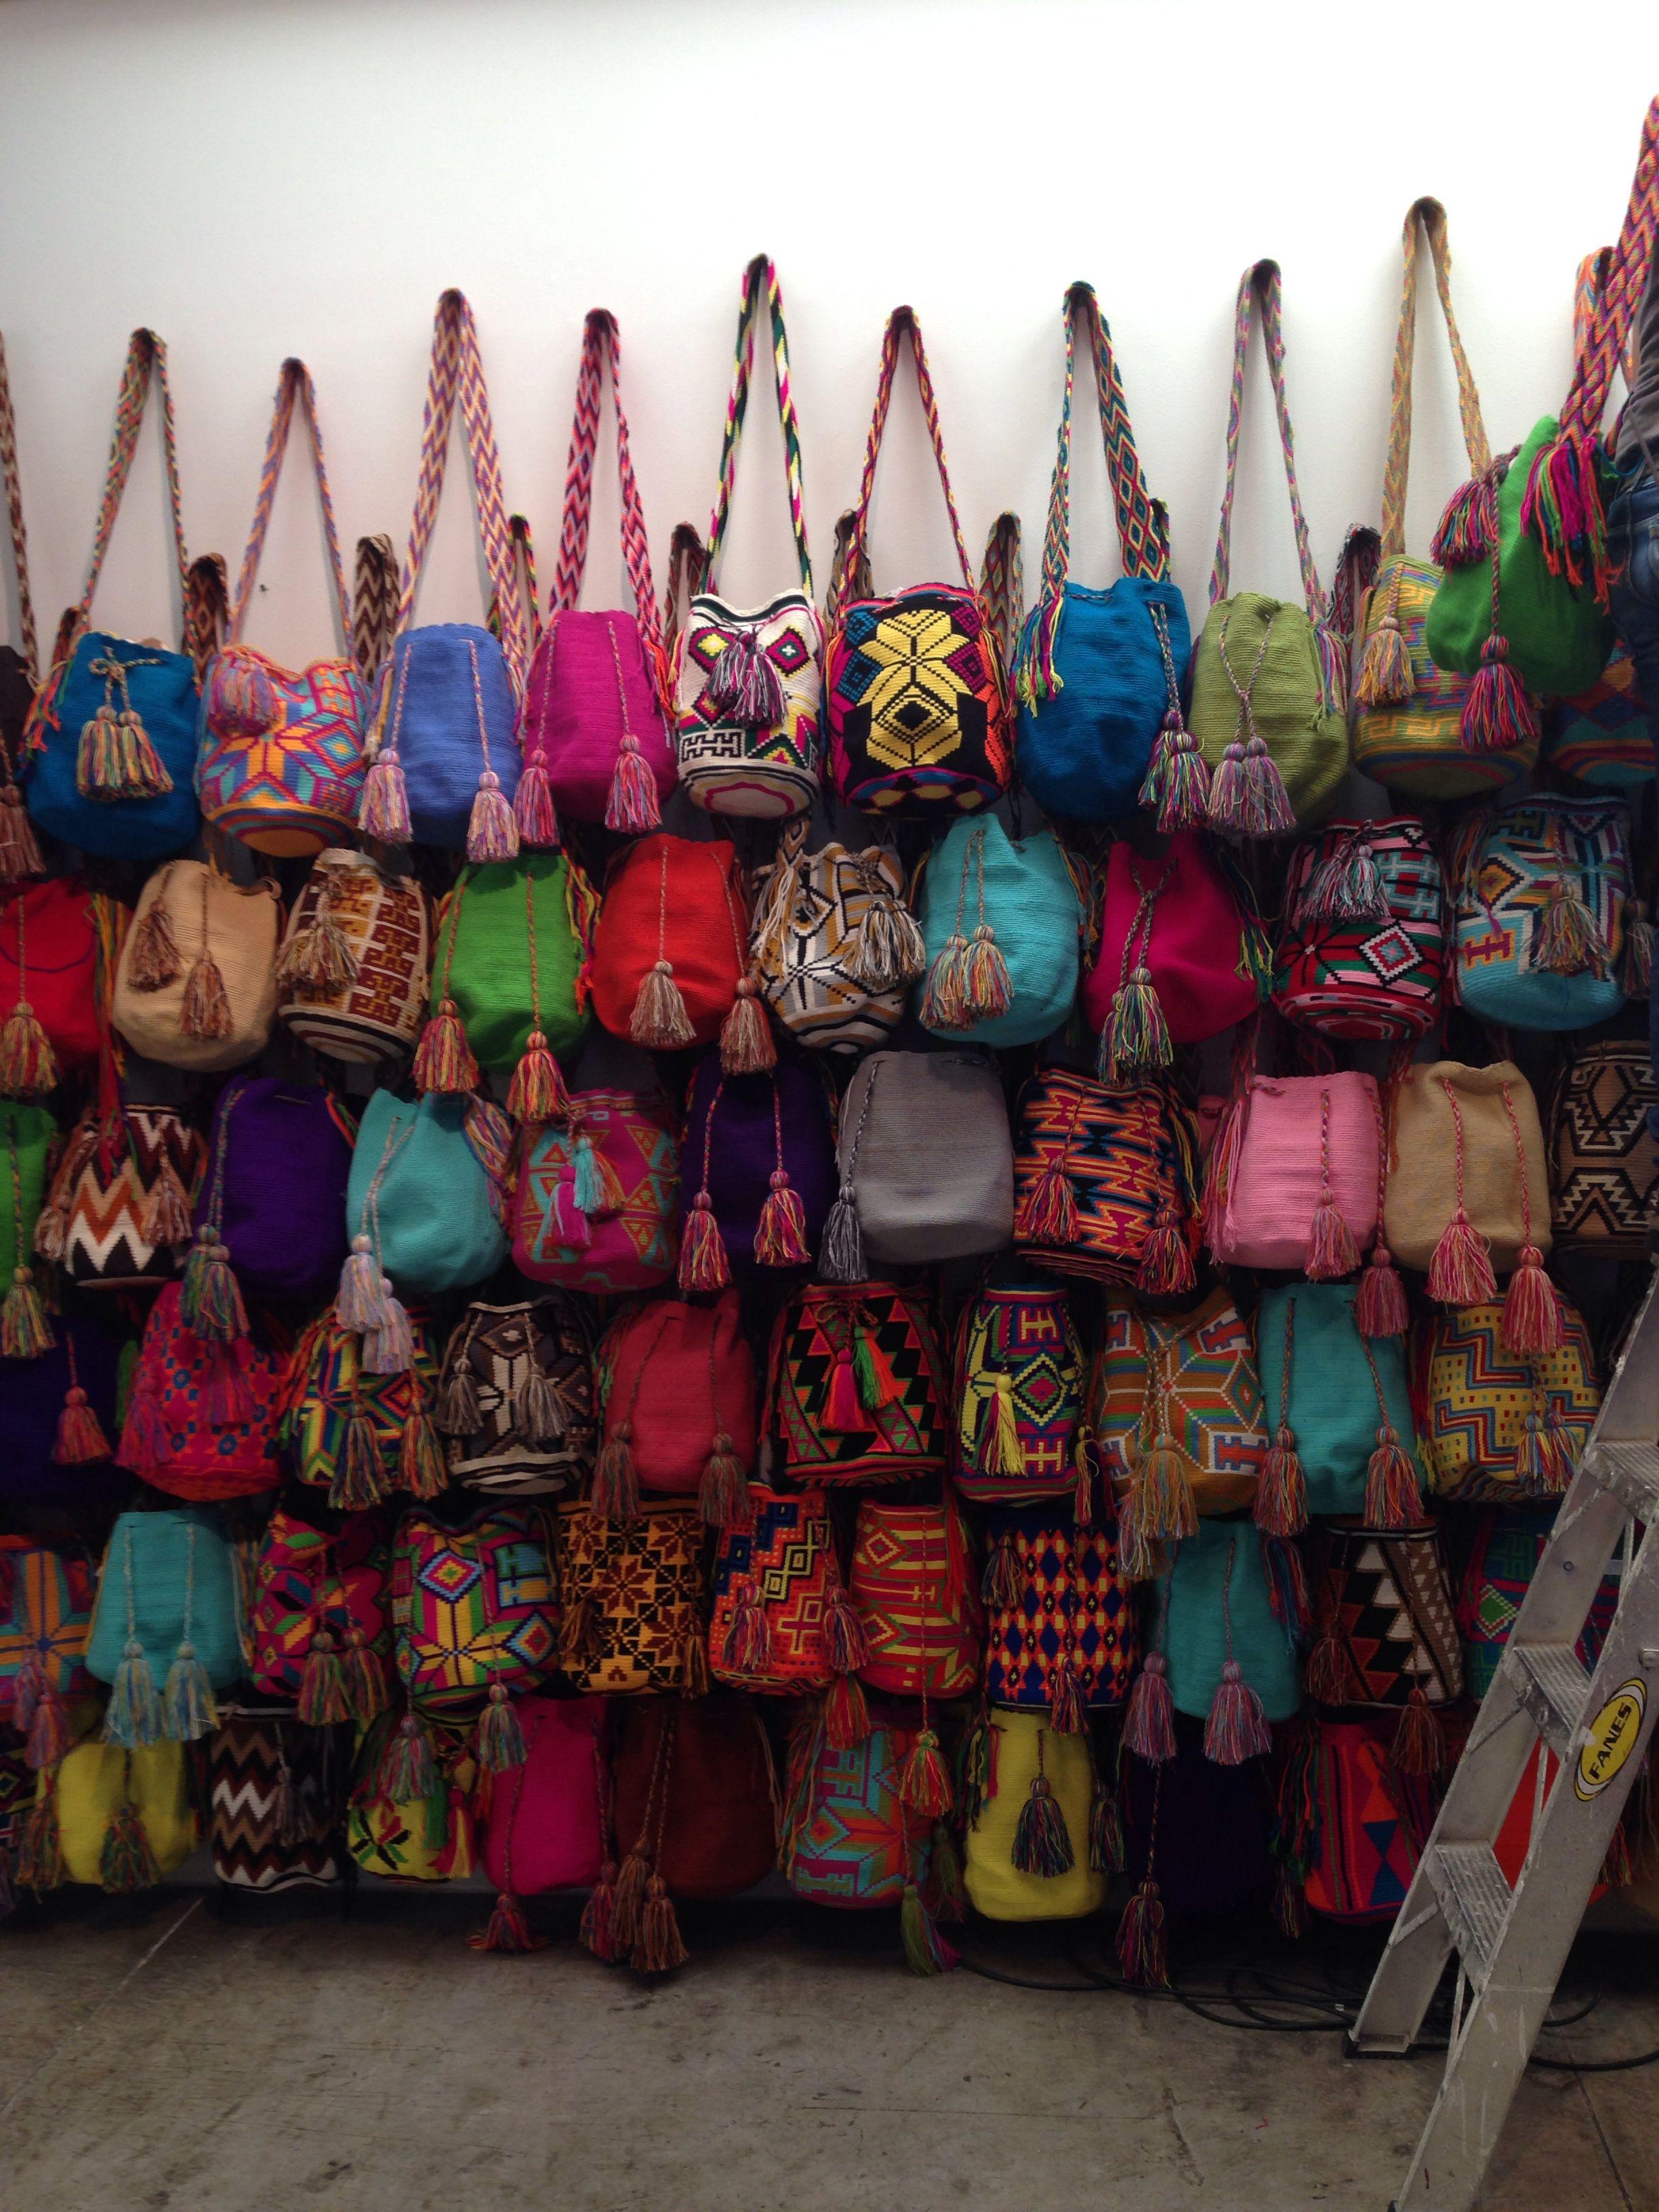 nuevo baratas 2020 disponible Mochilas colombianas | Modas | Mochilas, Bolsos cartera y Bolsos